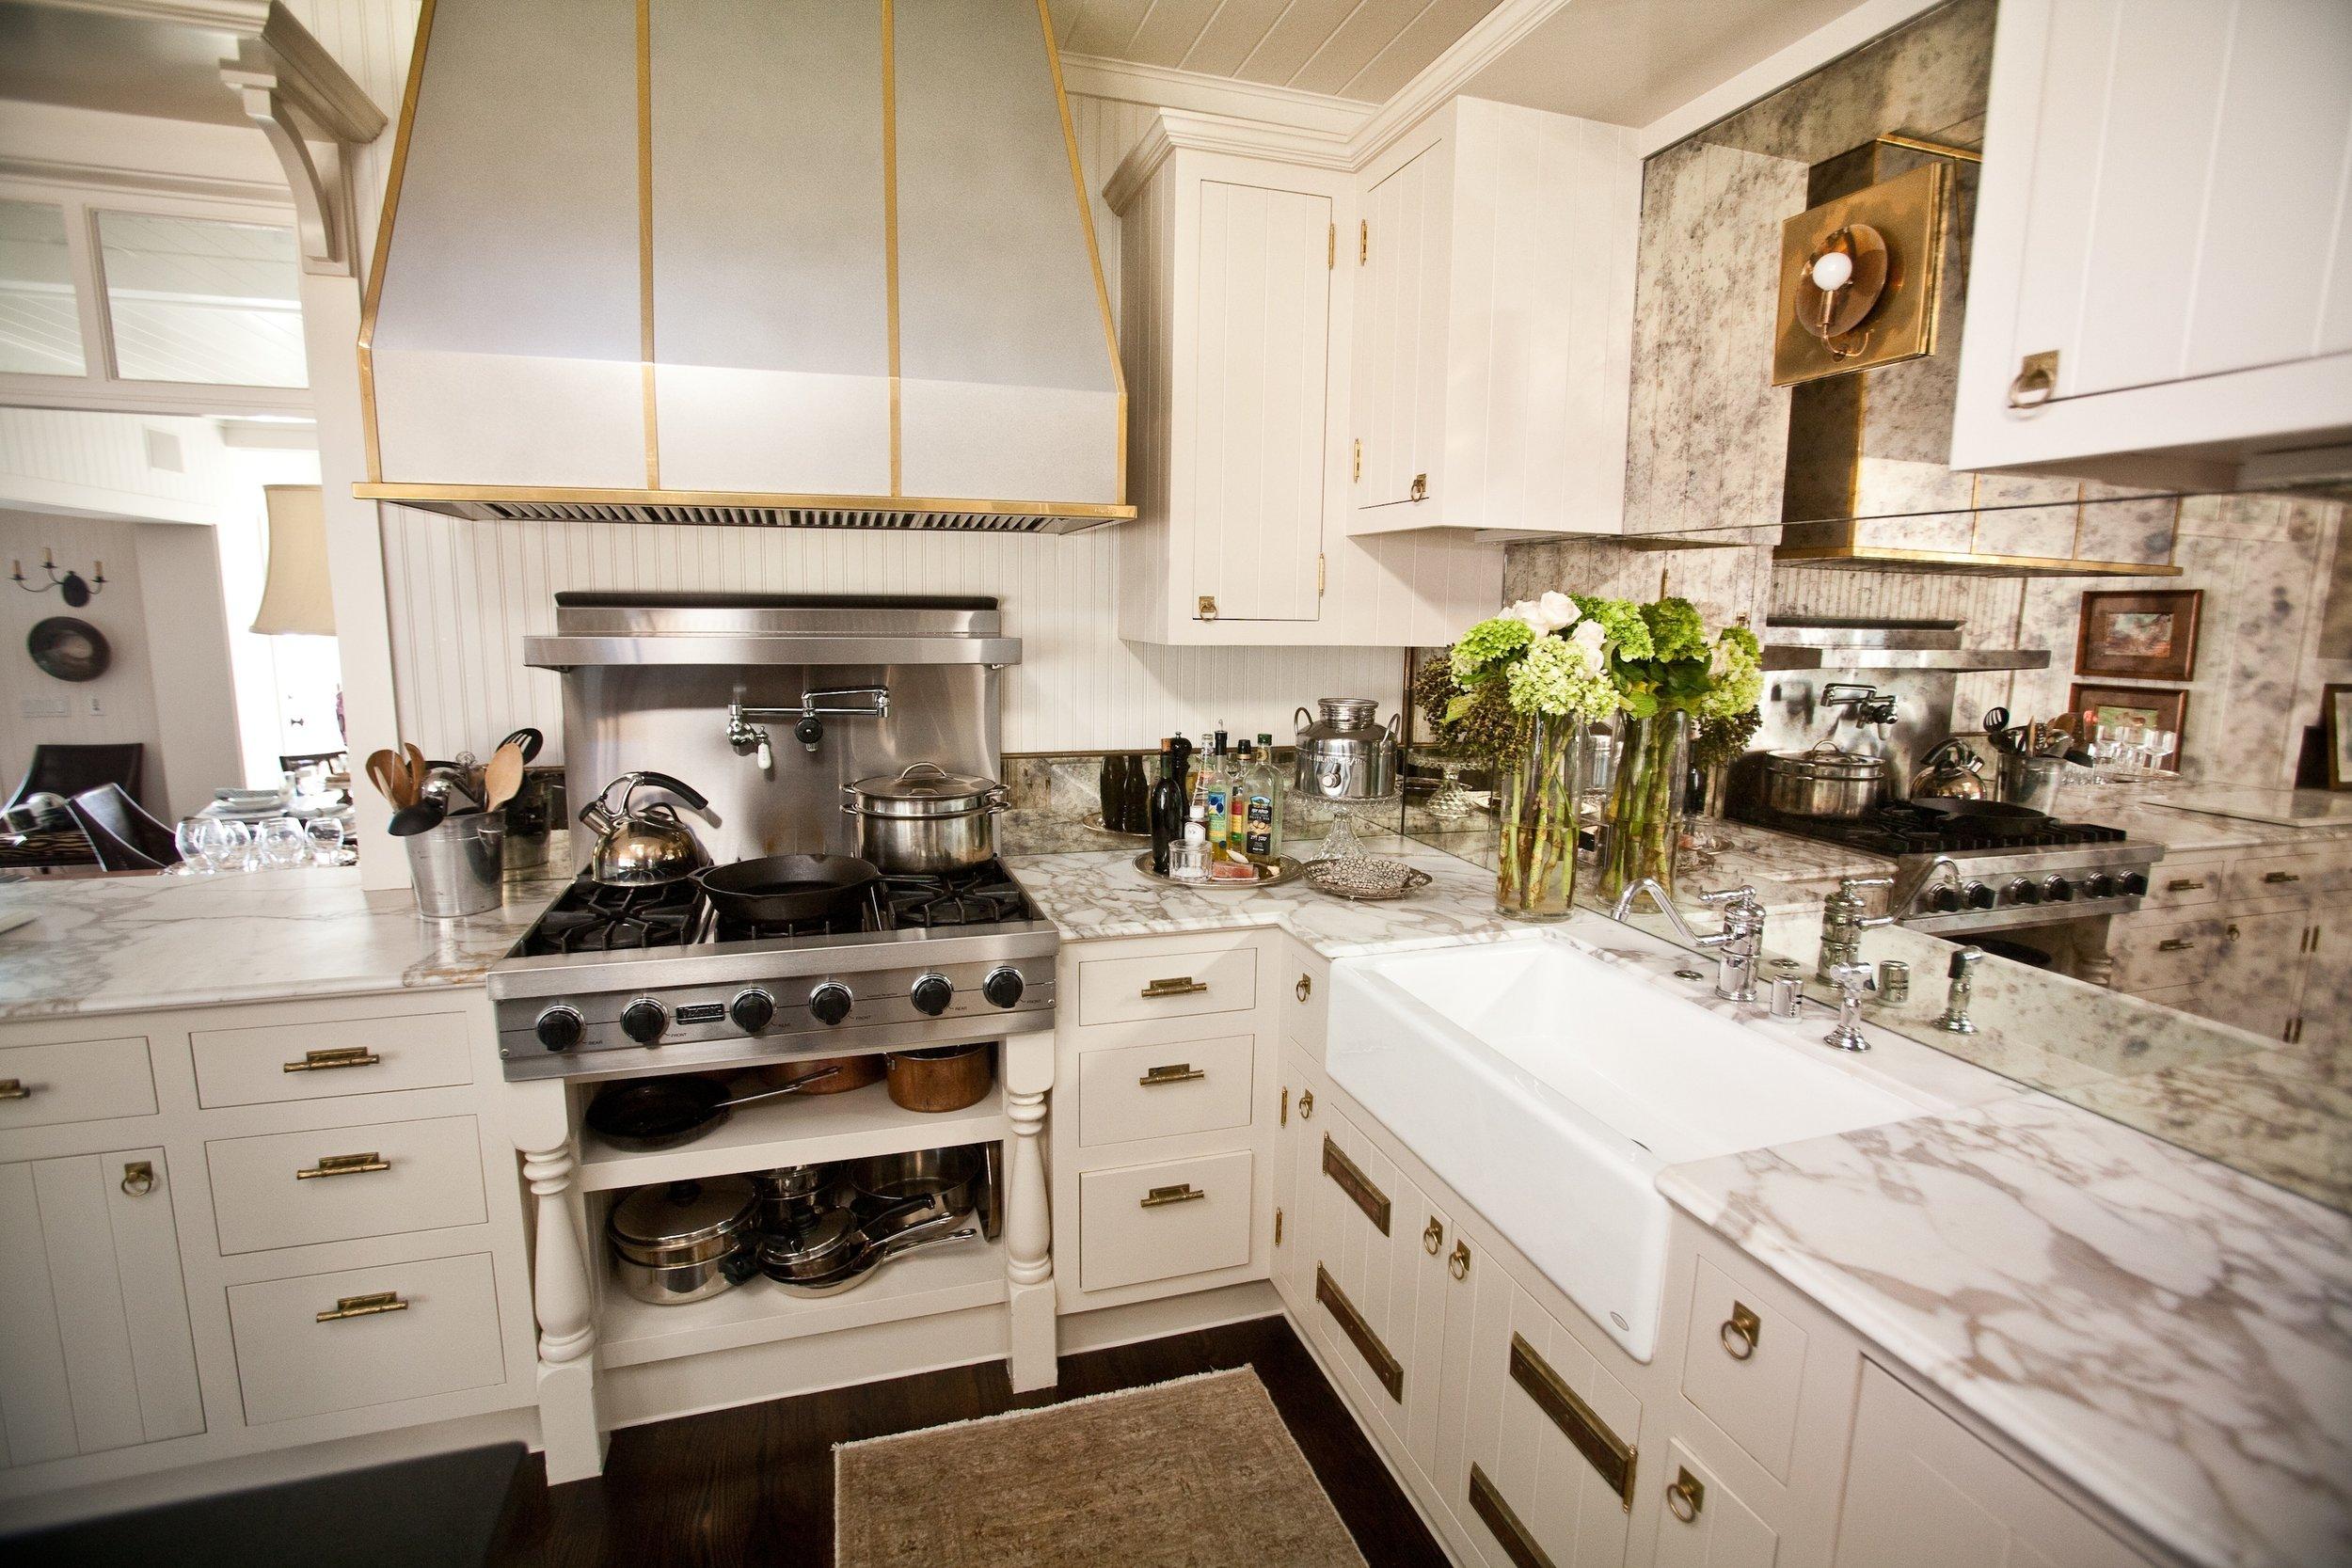 havenhurst kitchen.jpg